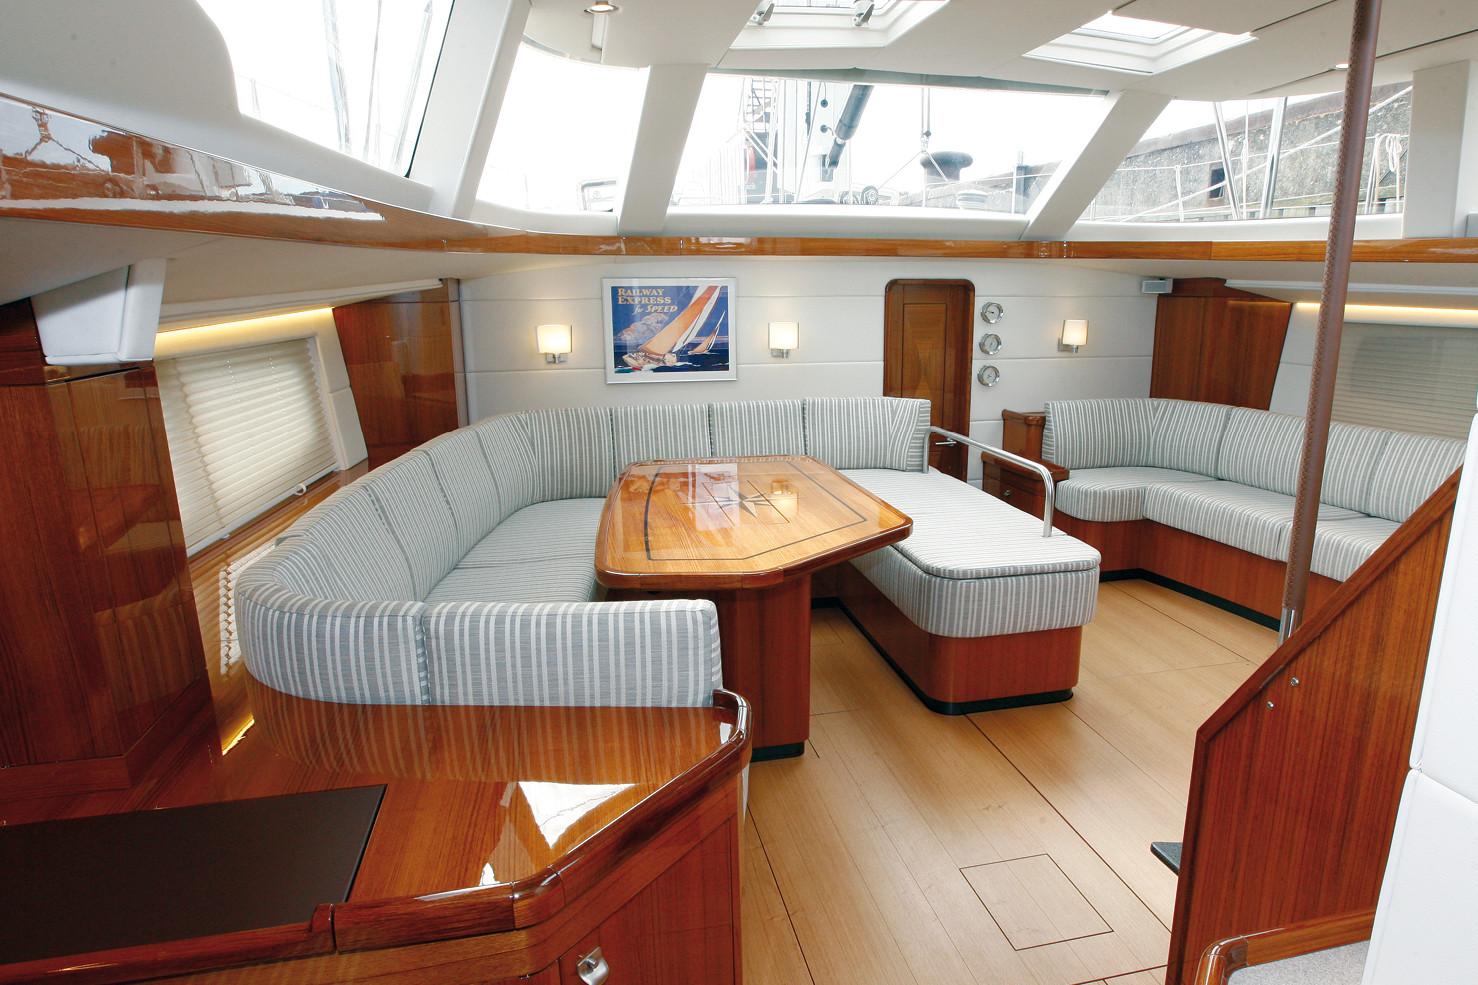 Saloneinrichtung einer 60ft Segelyacht: angeformte Salonpolster und Decken- und Wandbespannungen mit Kunstleder